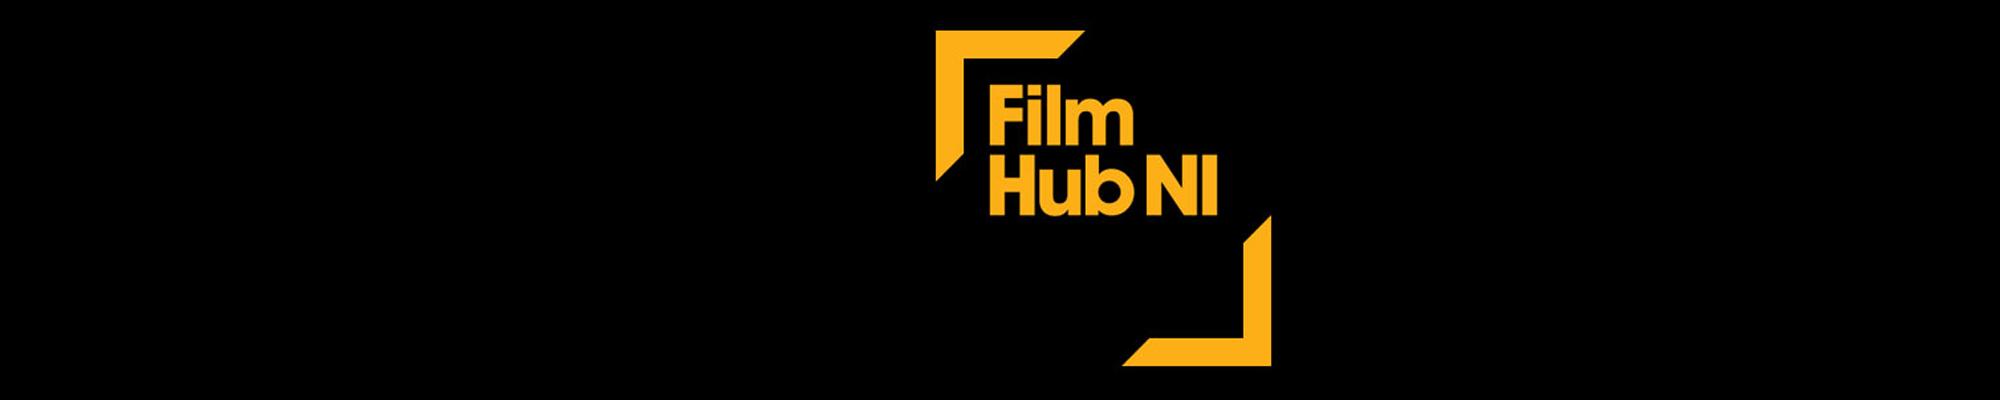 Film Hub Ni Northern Ireland Screen